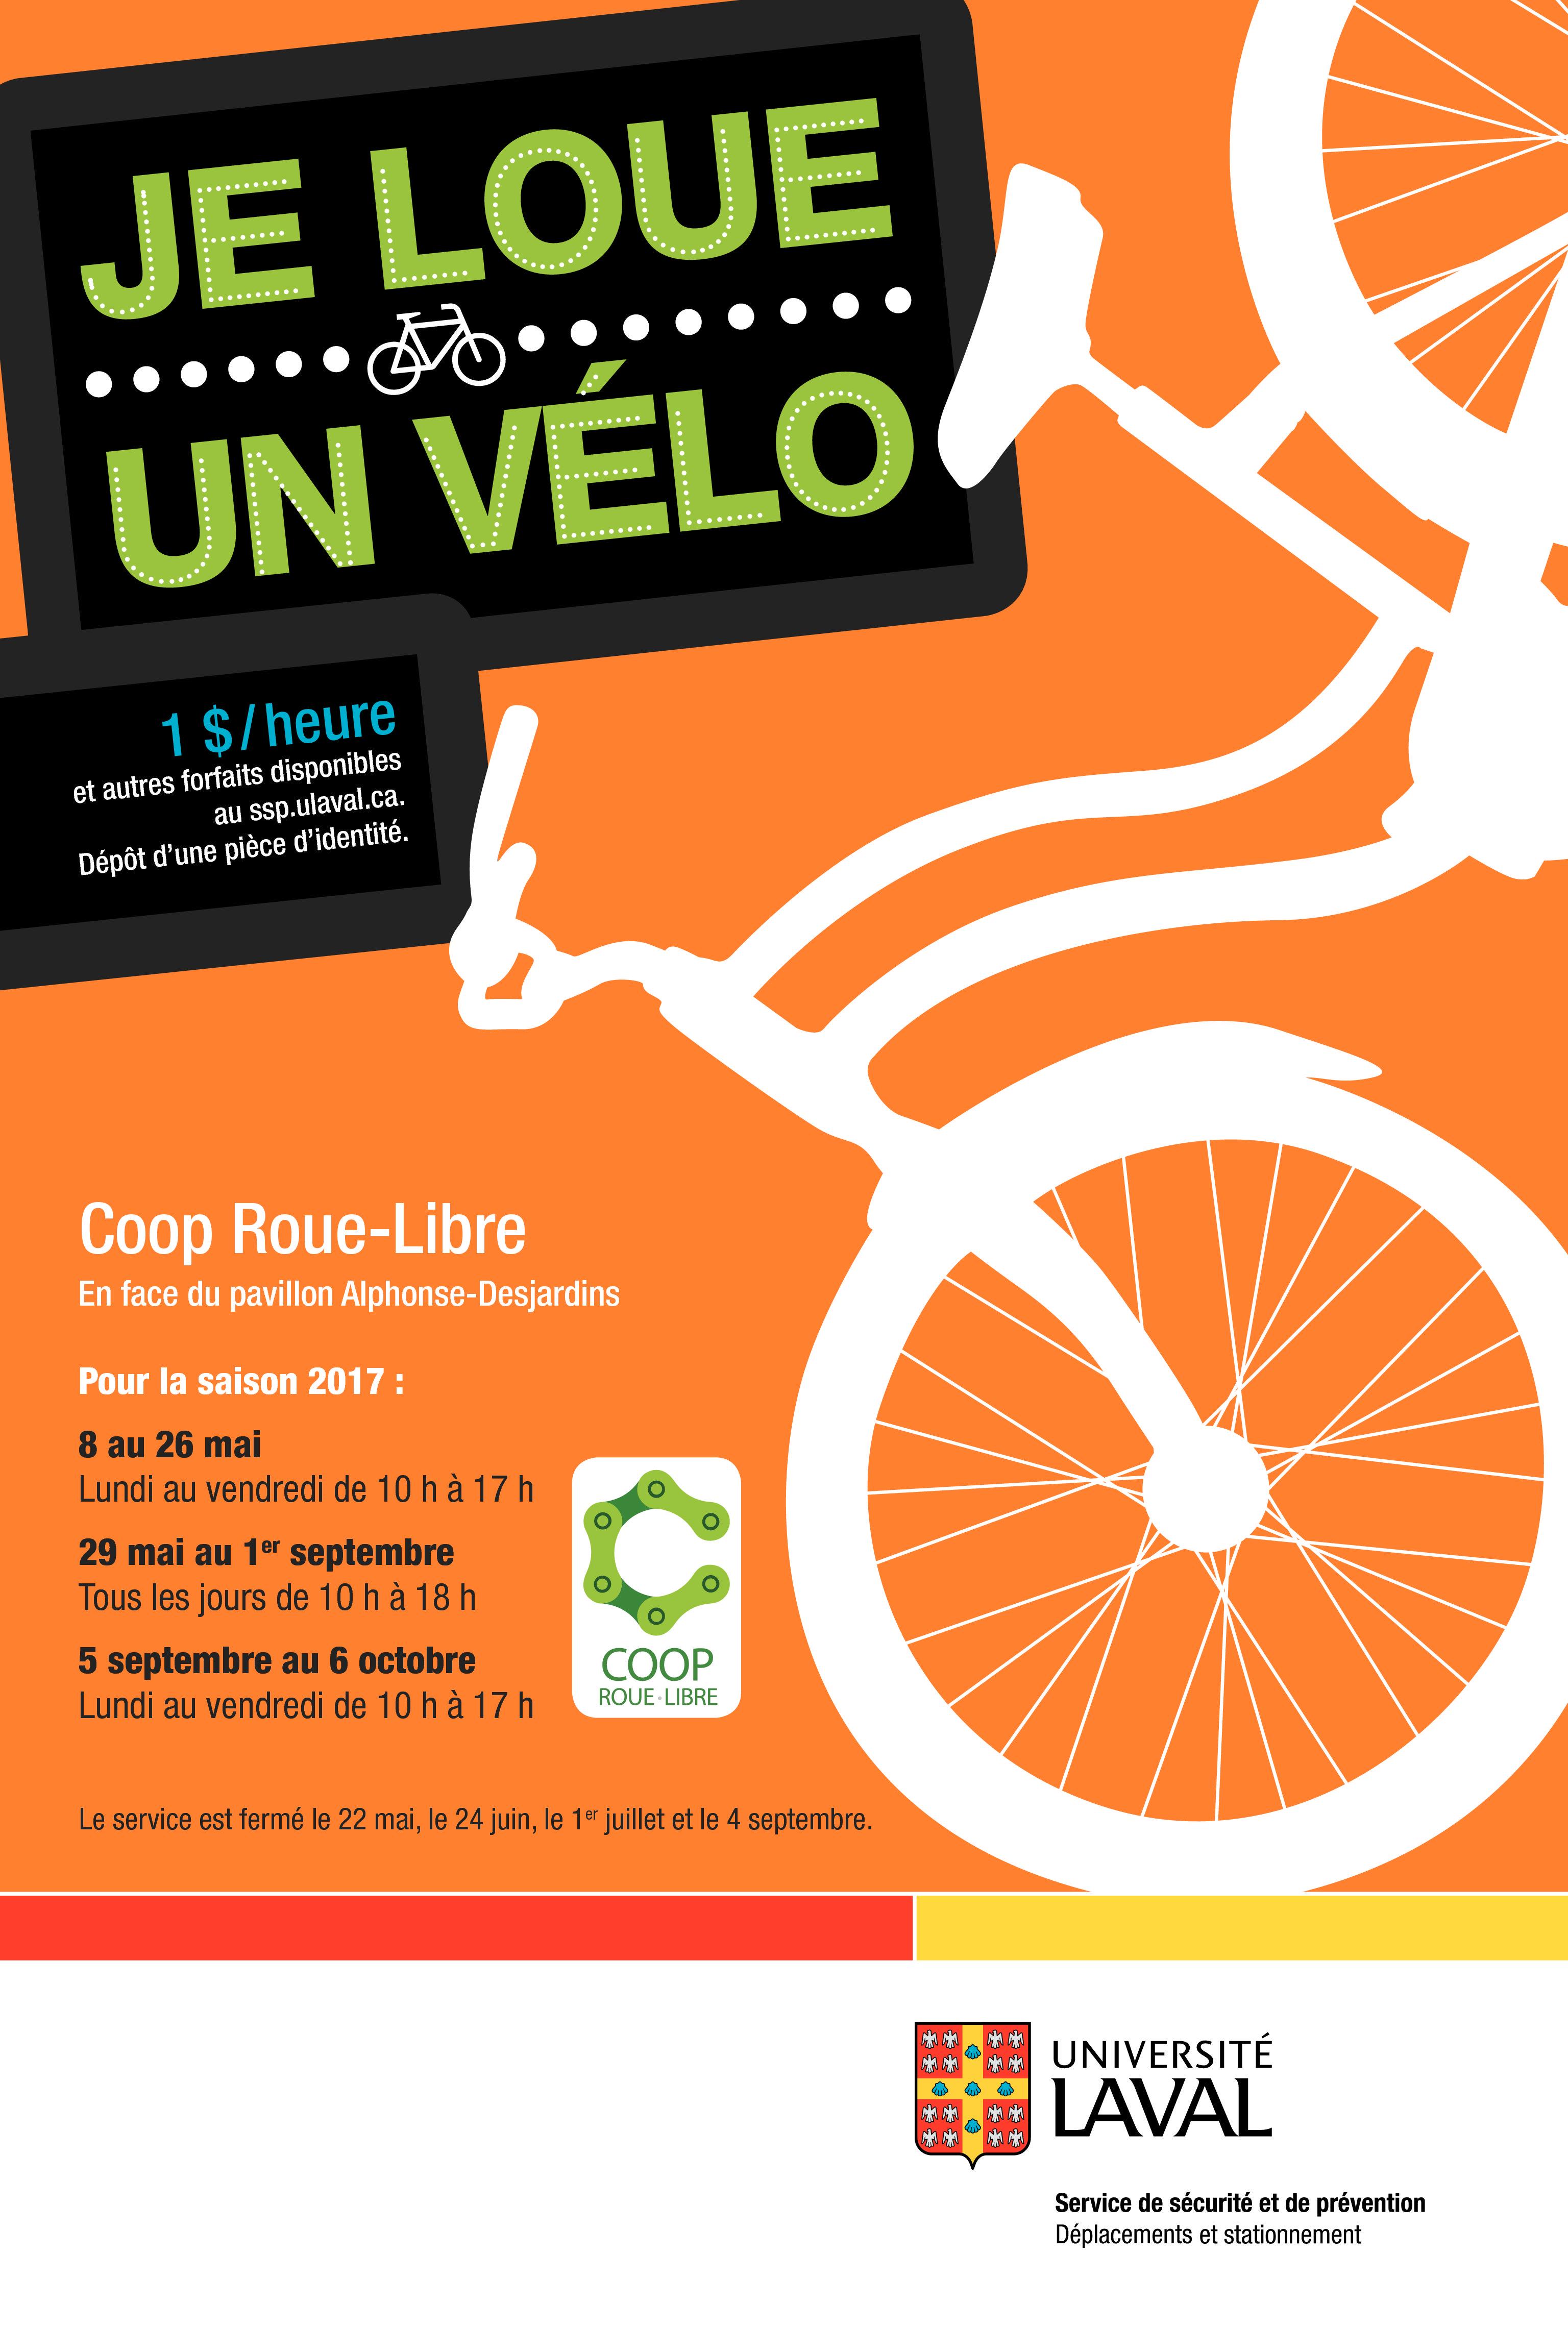 La coop Roue-Libre gère le service de location de vélo de l'Université Laval